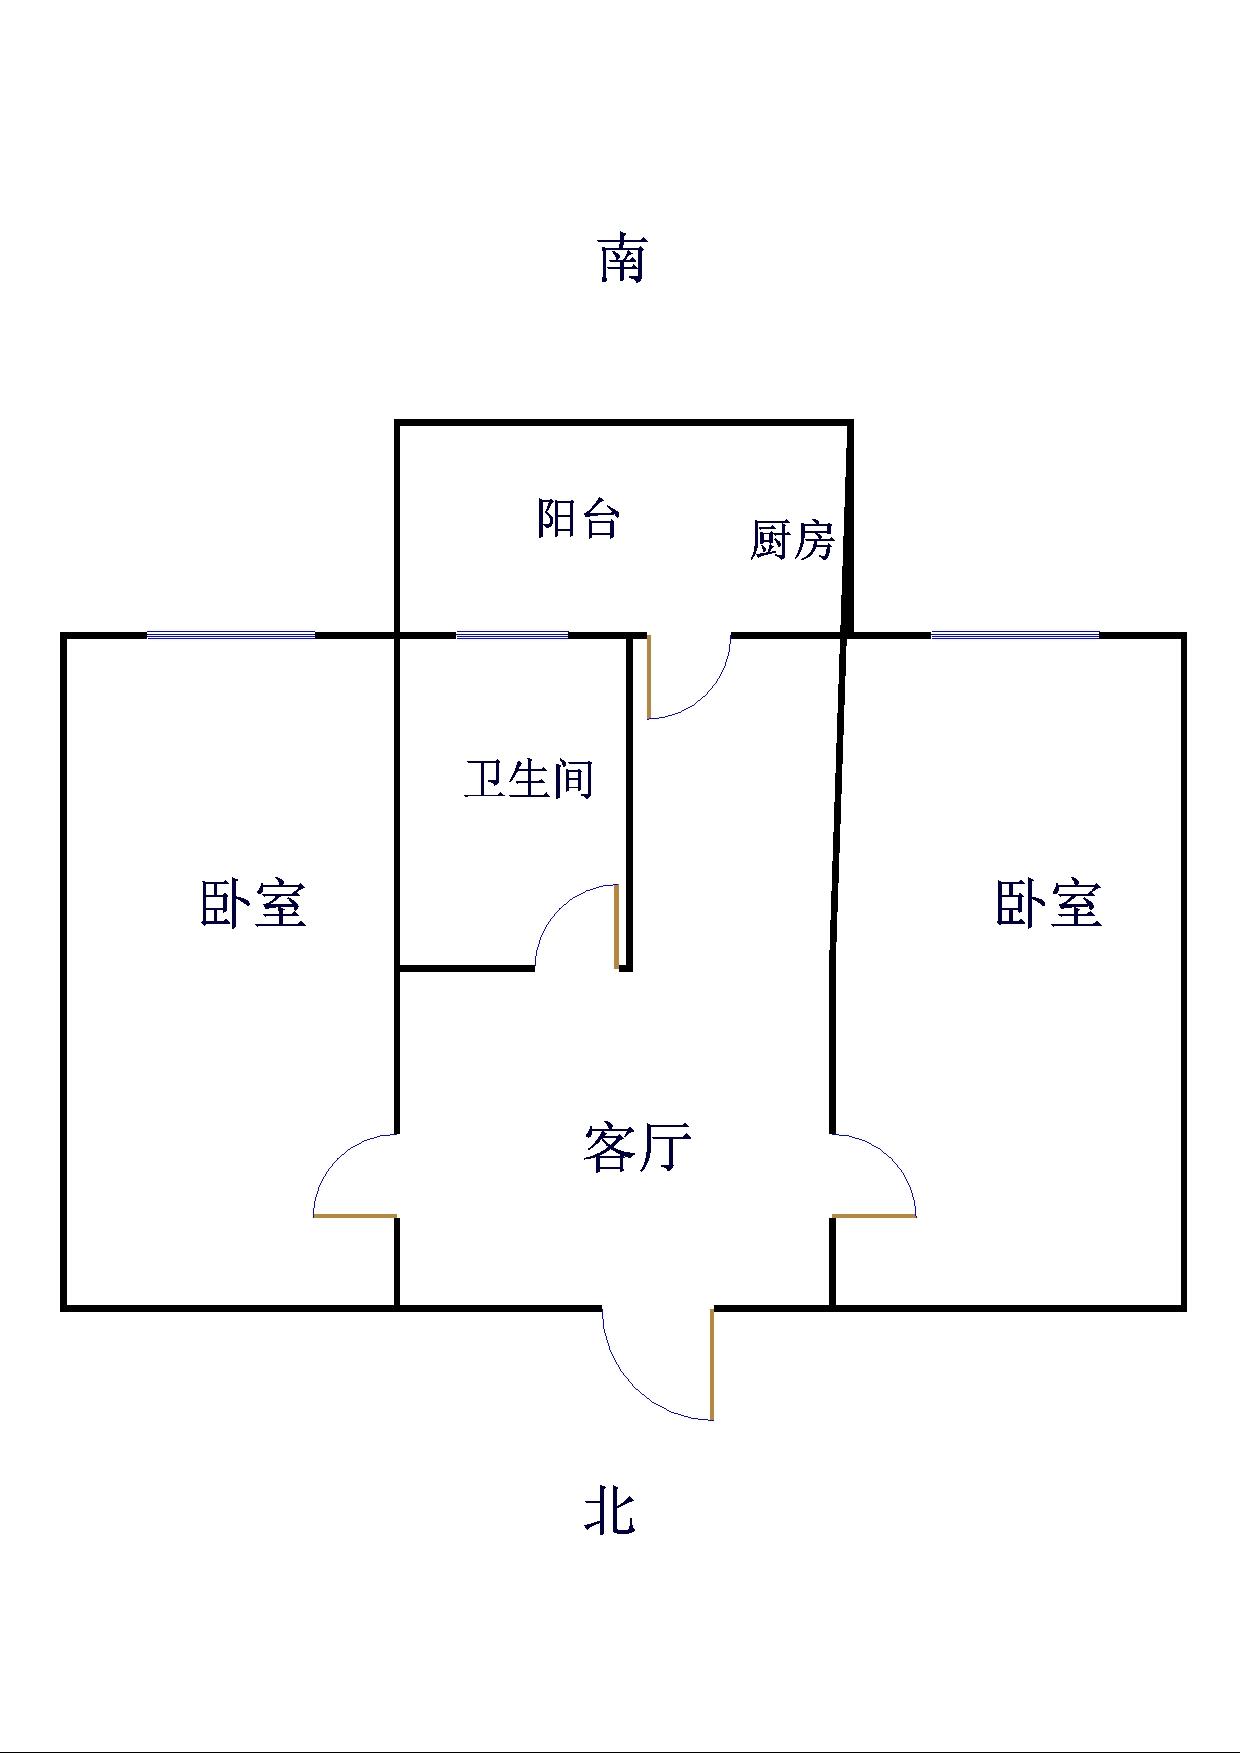 基础局宿舍 2室1厅 4楼